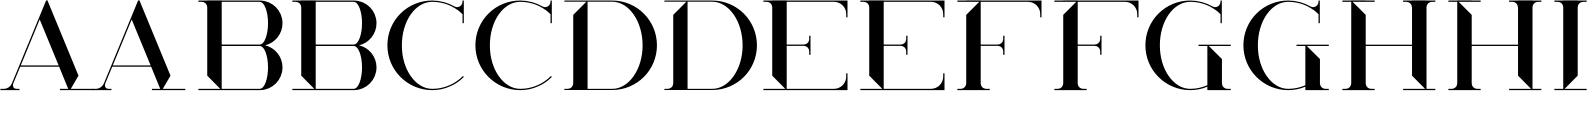 Kavo Styled Serif